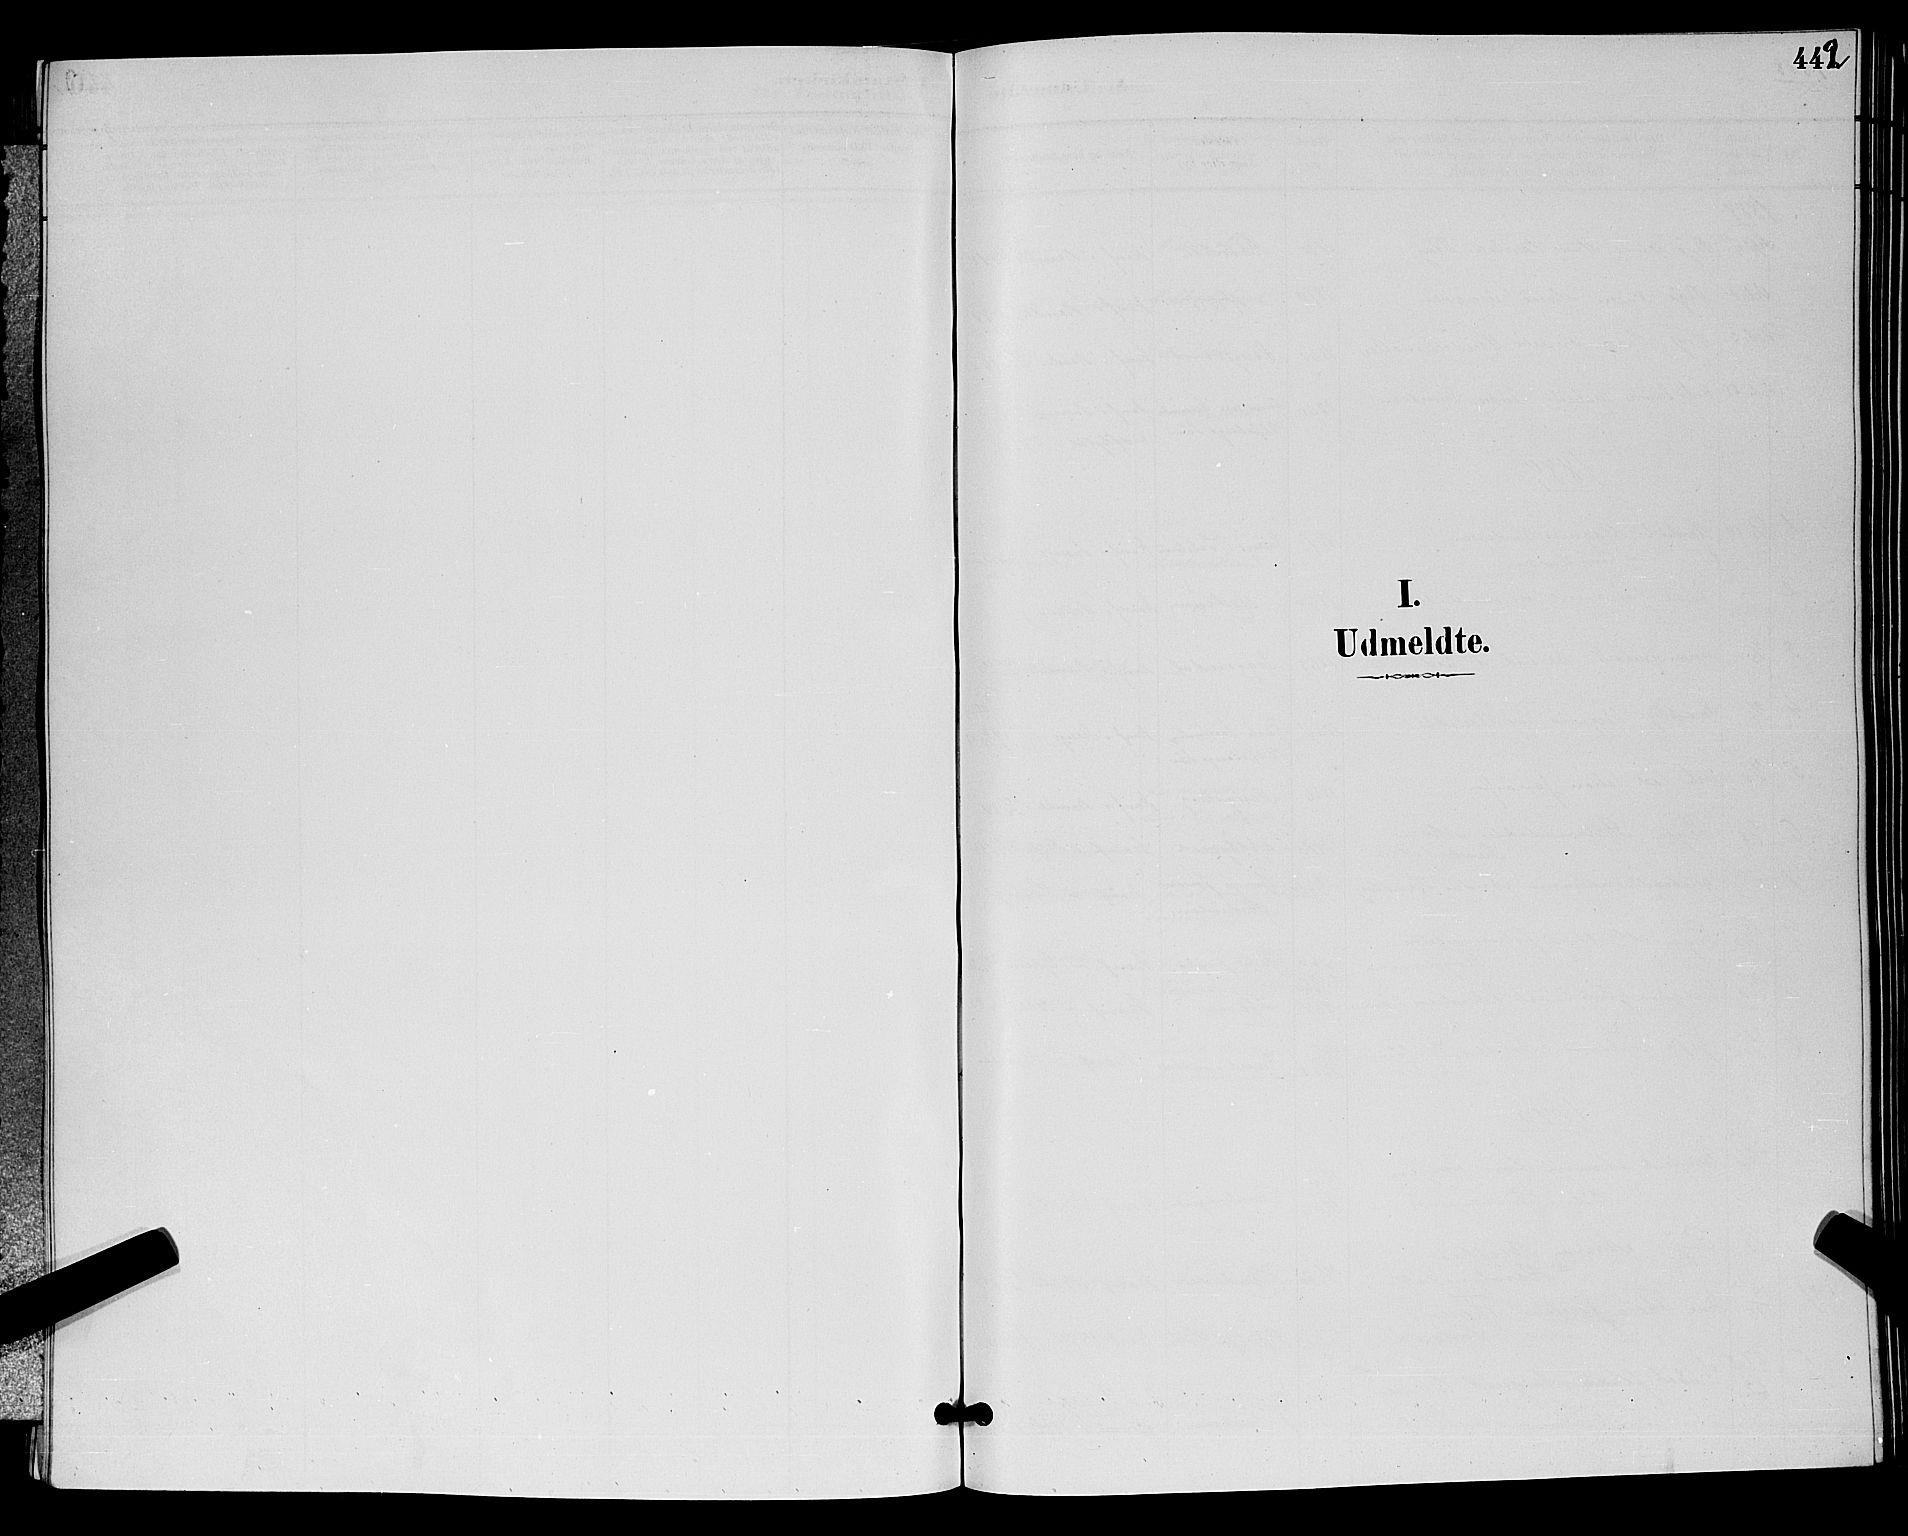 SAKO, Bamble kirkebøker, G/Ga/L0009: Klokkerbok nr. I 9, 1888-1900, s. 442